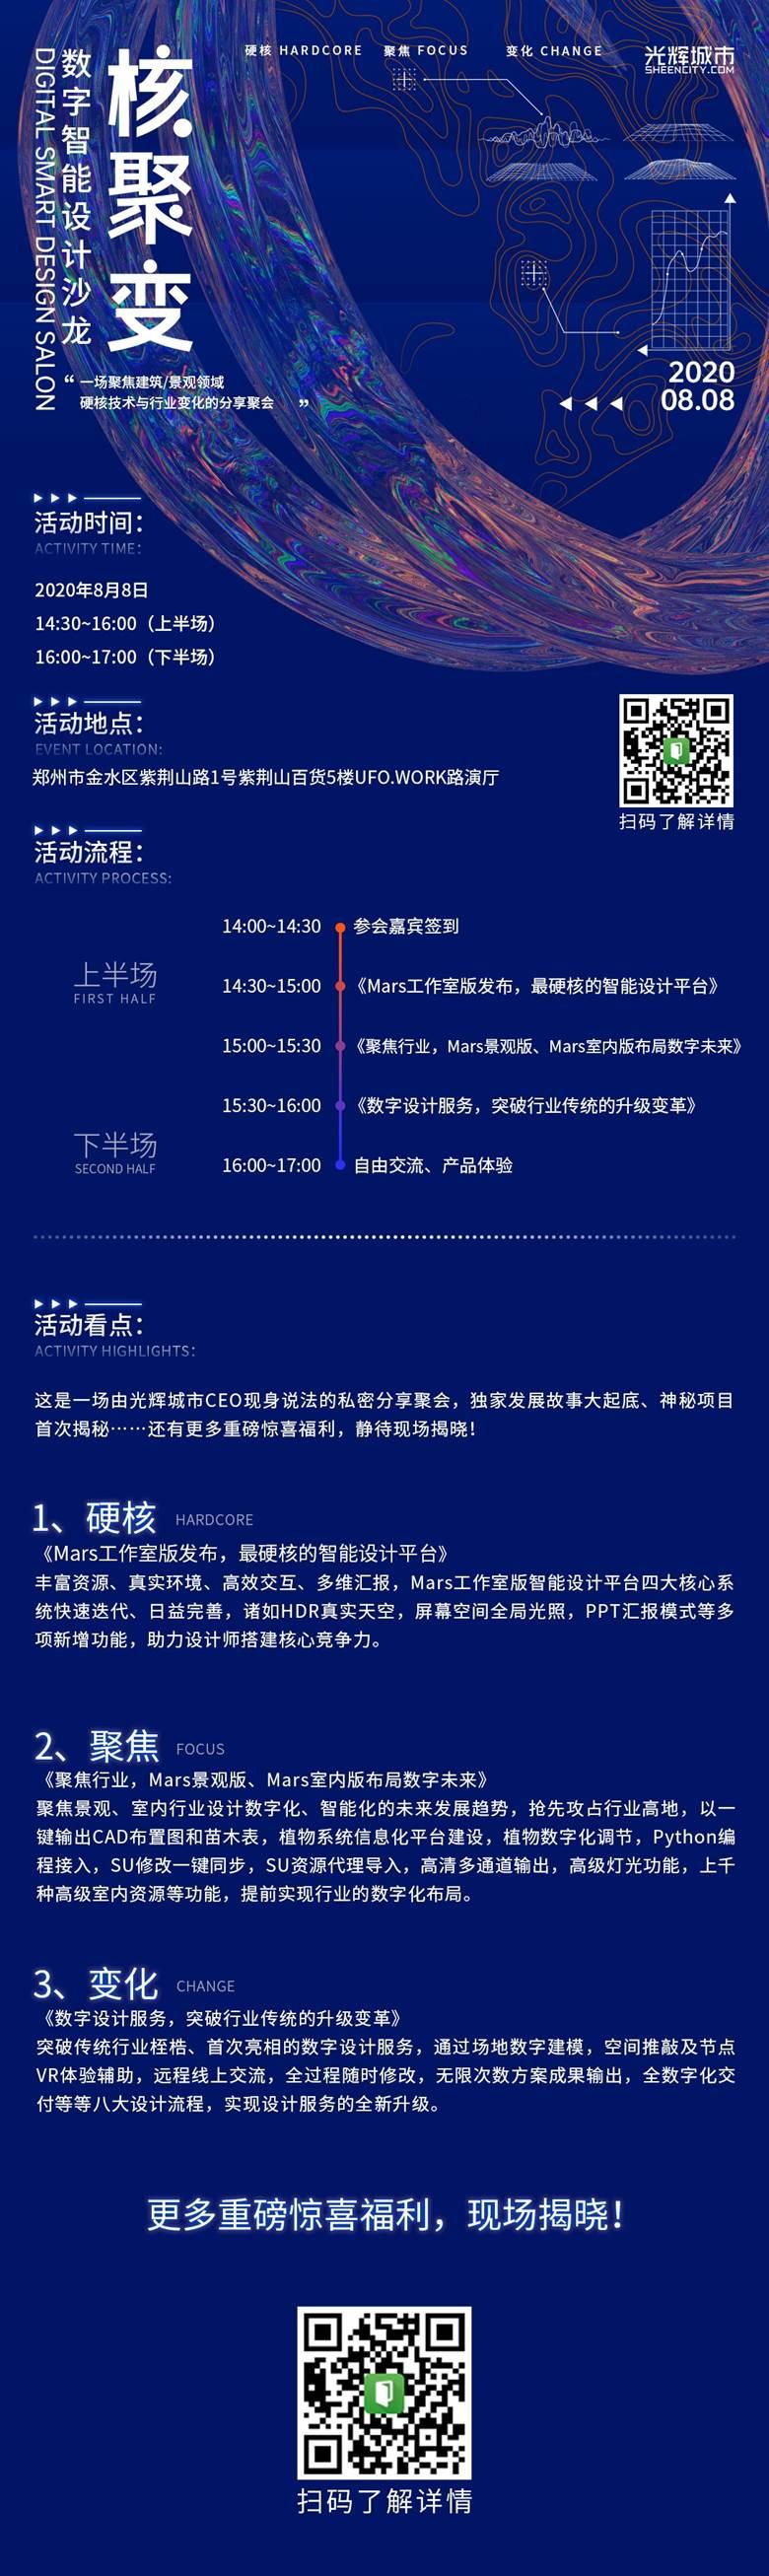 核聚变主视觉活郑州站动行长图_含二维码.png